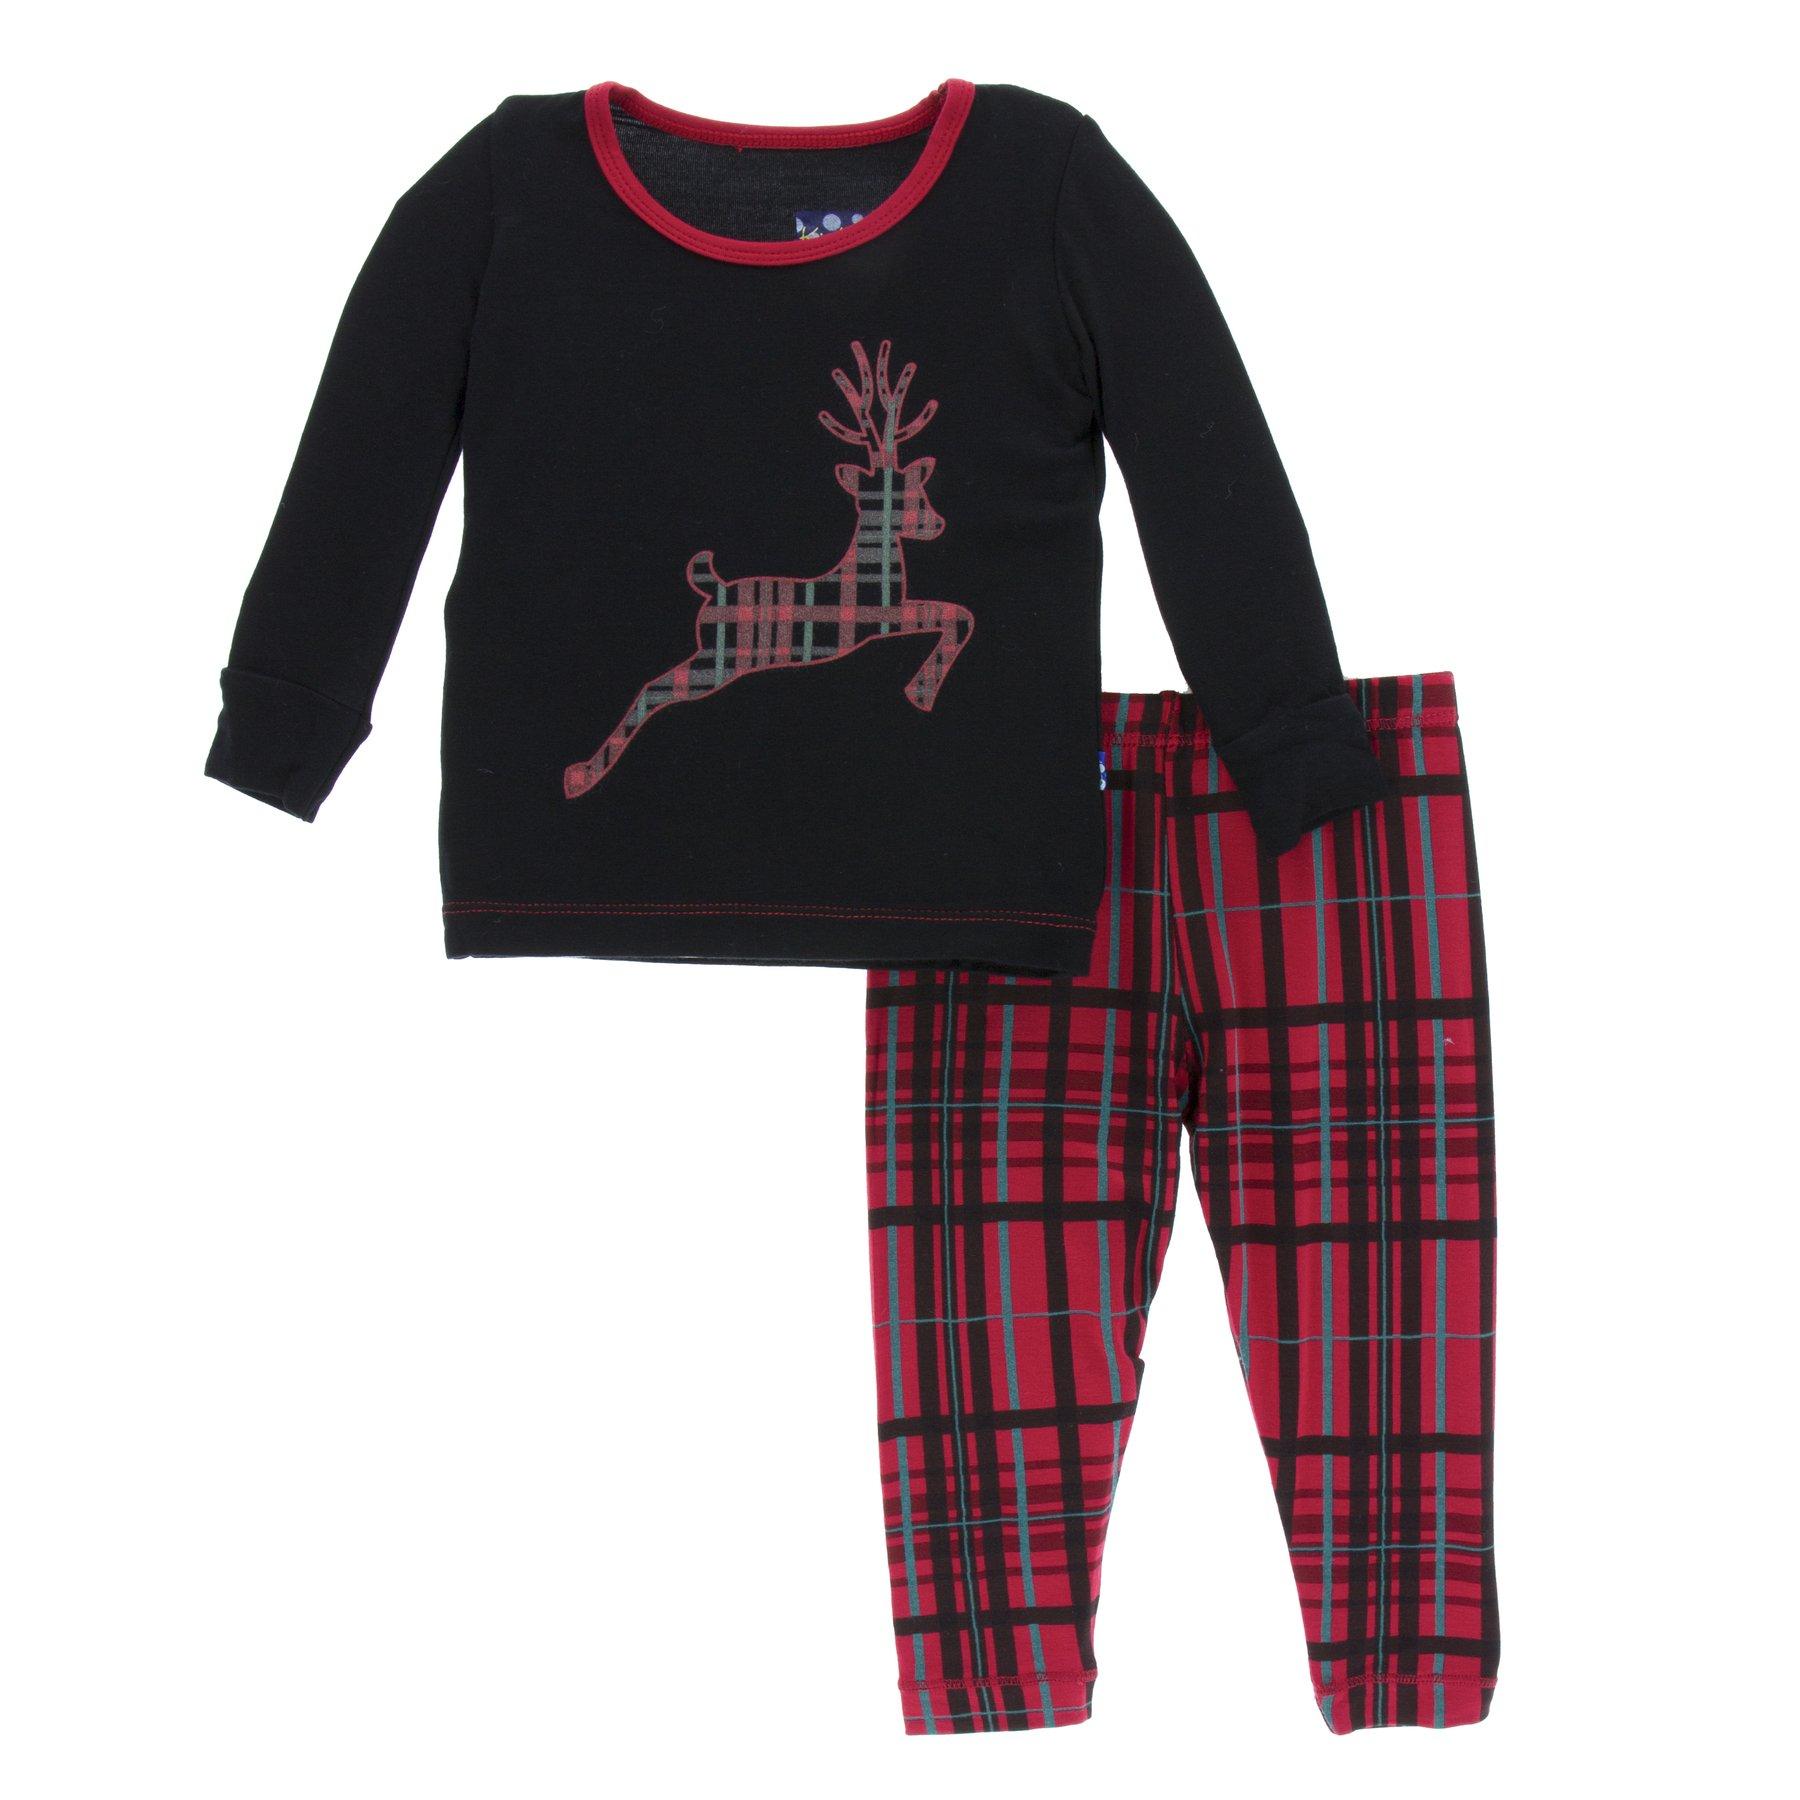 b4b843a71 KicKee Pants Long Sleeve Pajama Set - Bamboo Pajamas - KicKee ...